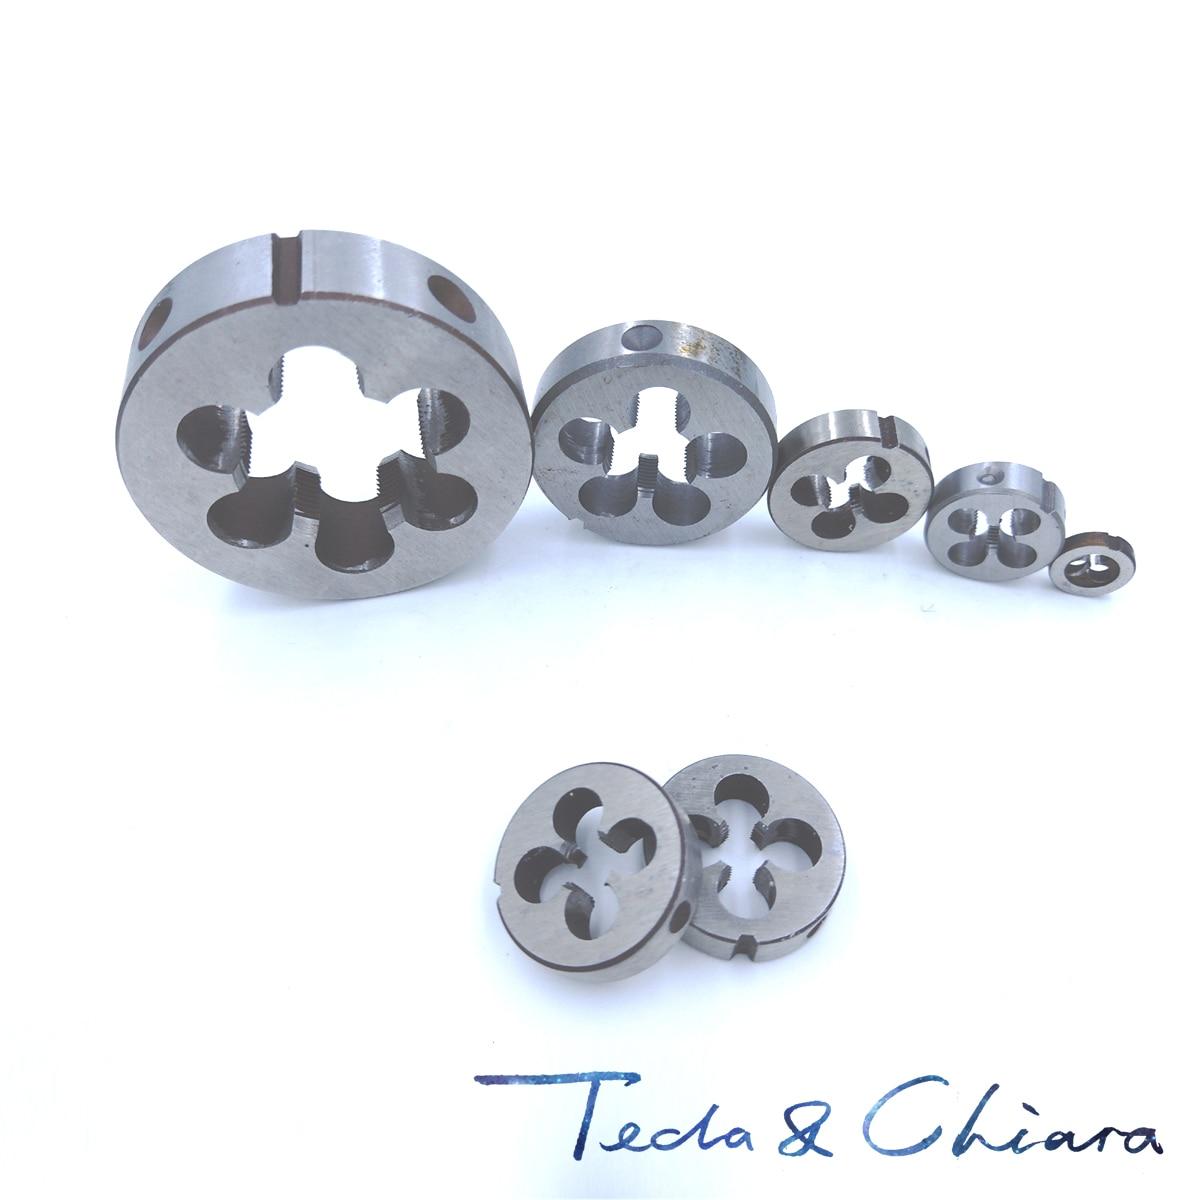 1 ud. Nuevo 13mm 13x1,25 rosca derecha métrica M13 x 1,25mm 13x1,25 herramientas de paso de roscado para mecanizado de moldes envío gratis